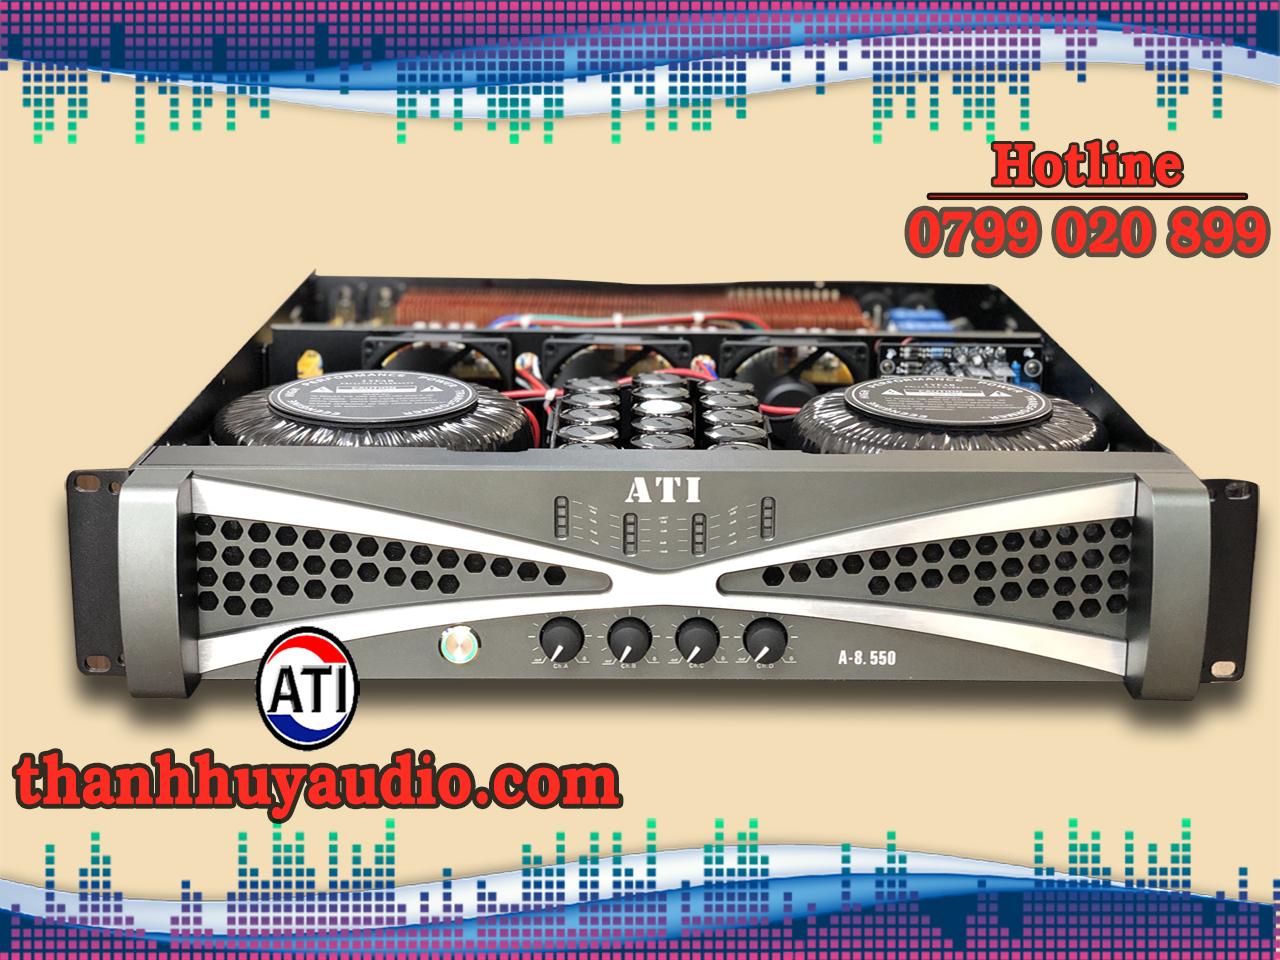 Cục đẩy ATI A8550